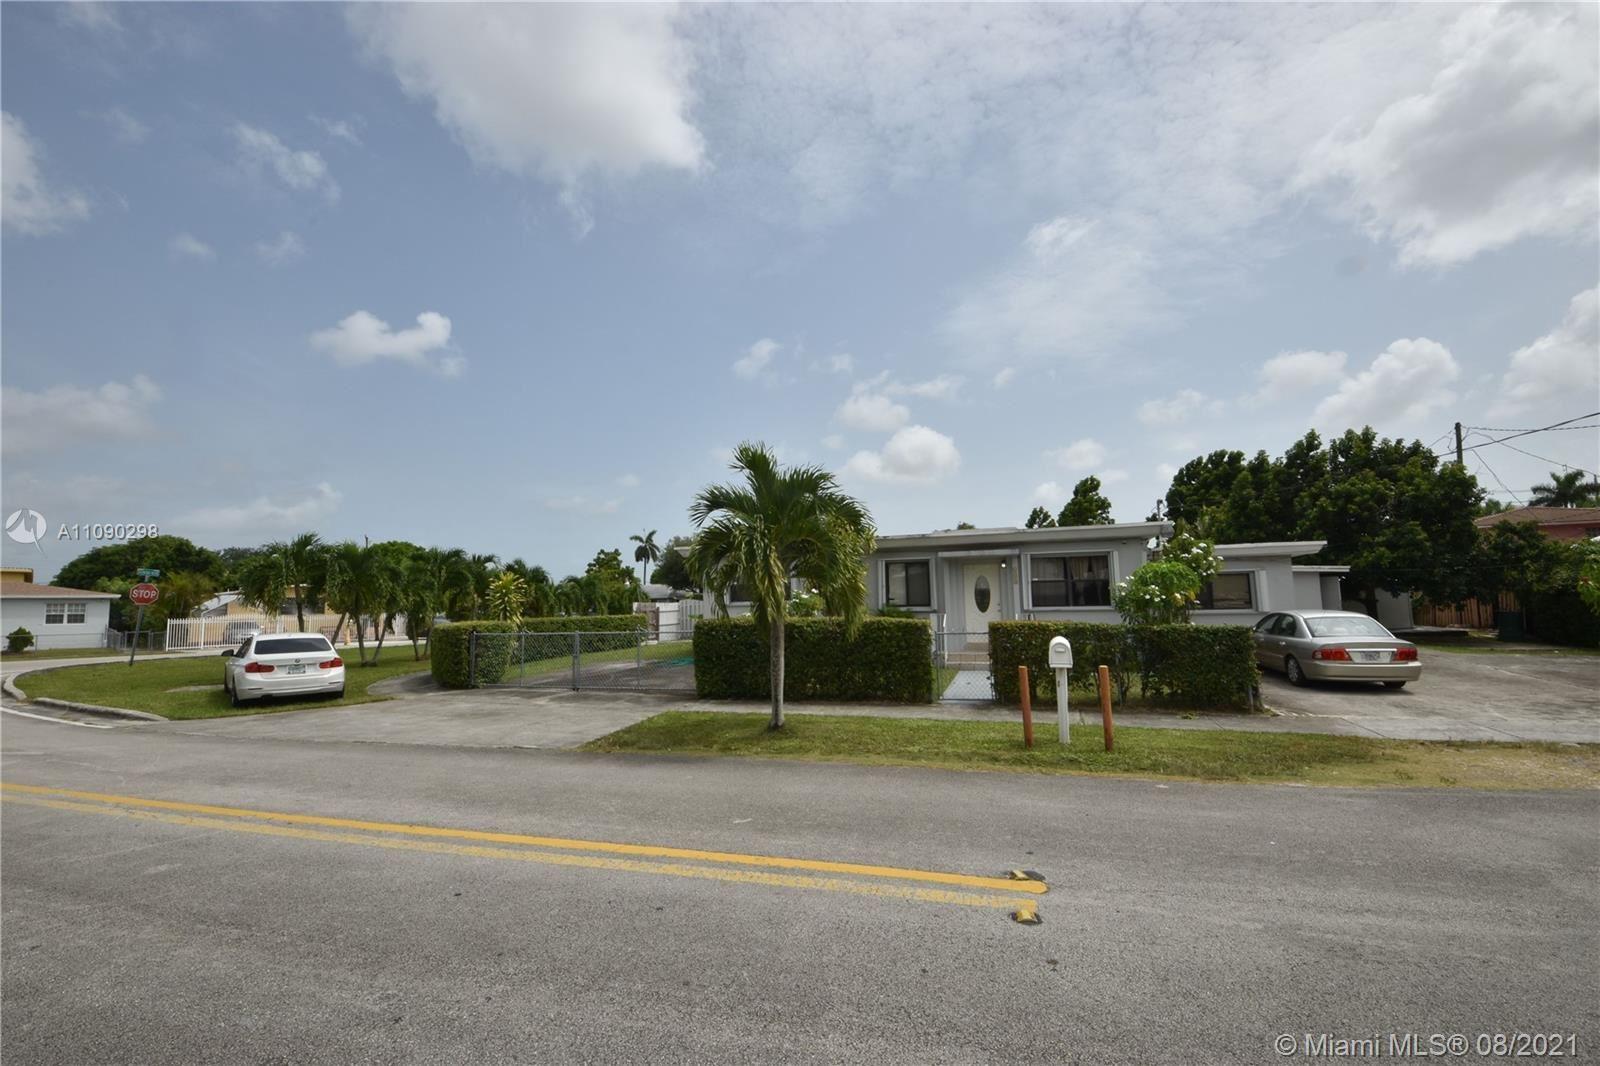 400 SW 76th Ct, Miami, FL 33144 - #: A11090298